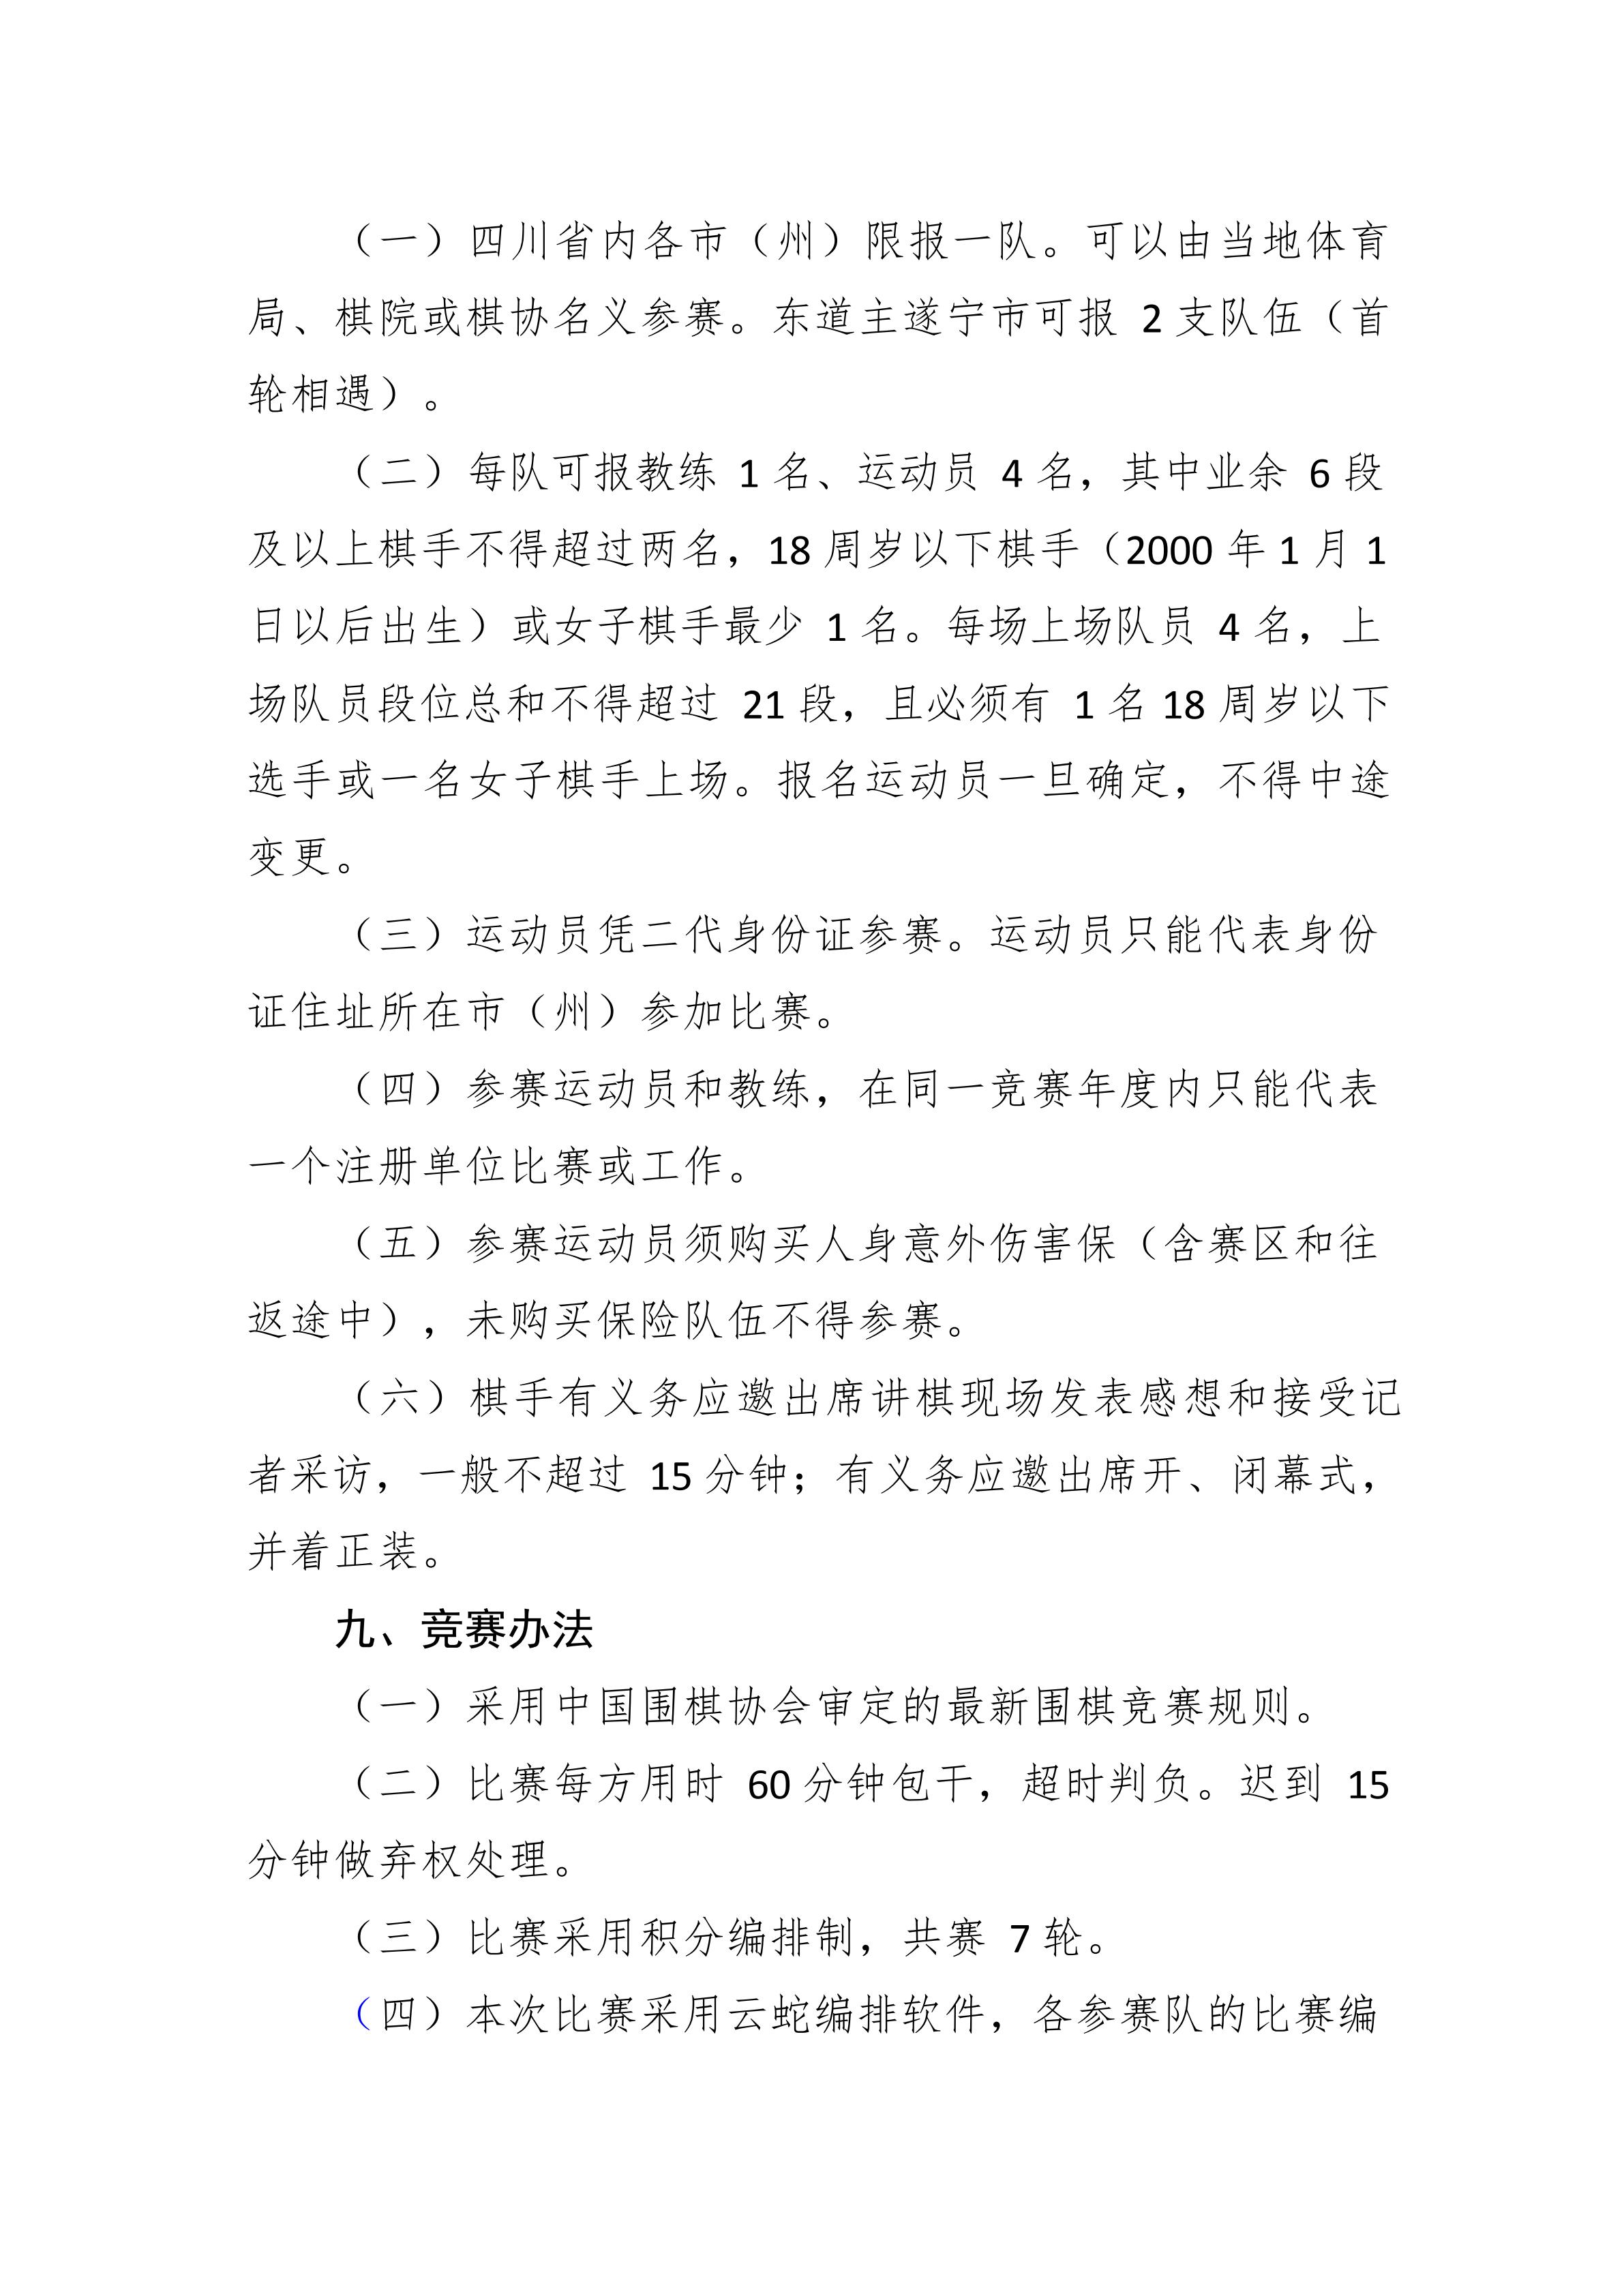 """关于举办2018年四川省""""十一科技杯""""围棋业余联赛的通知_02.png"""